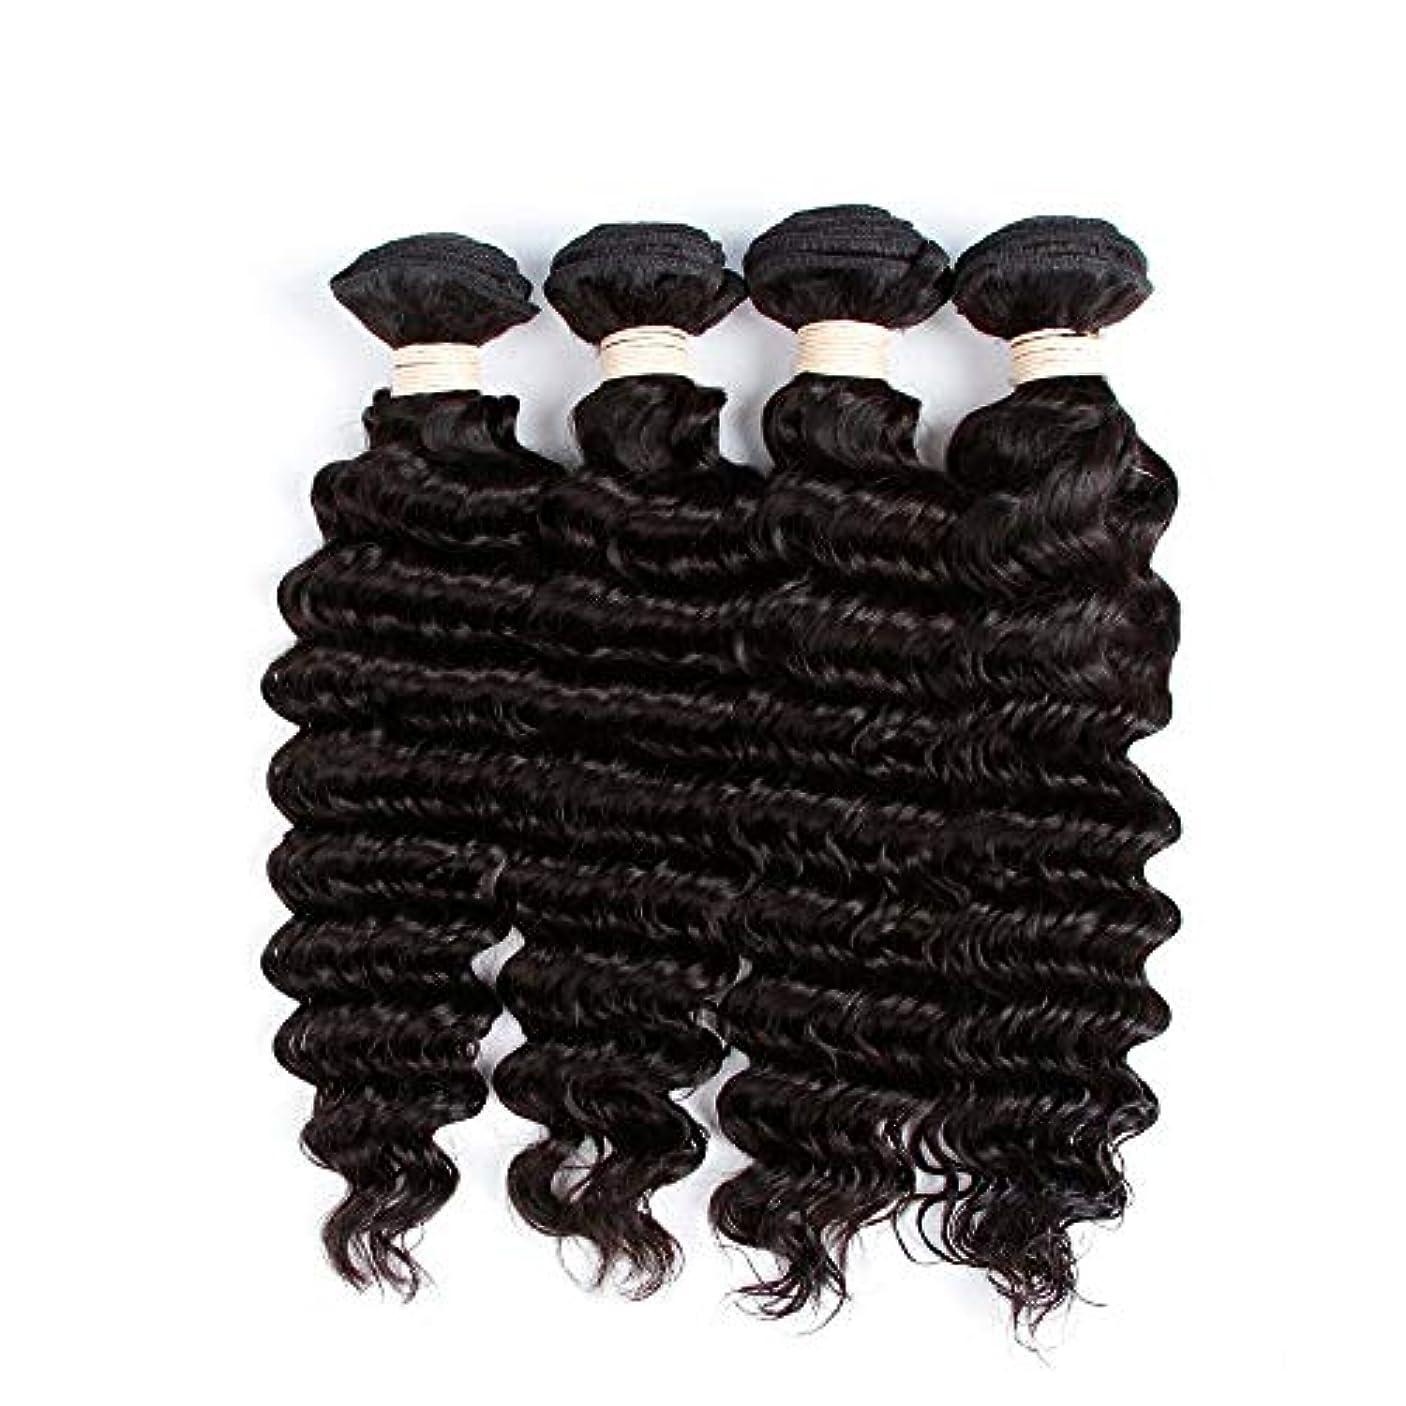 怠感干渉カプラーHOHYLLYA 未処理のブラジルの深い巻き毛の束本物の人間のバージンヘアエクステンション - 1束#1Bナチュラルカラー(100 +/- 5g)/ pc女性複合かつらレースかつらロールプレイングかつら (色 : 黒,...